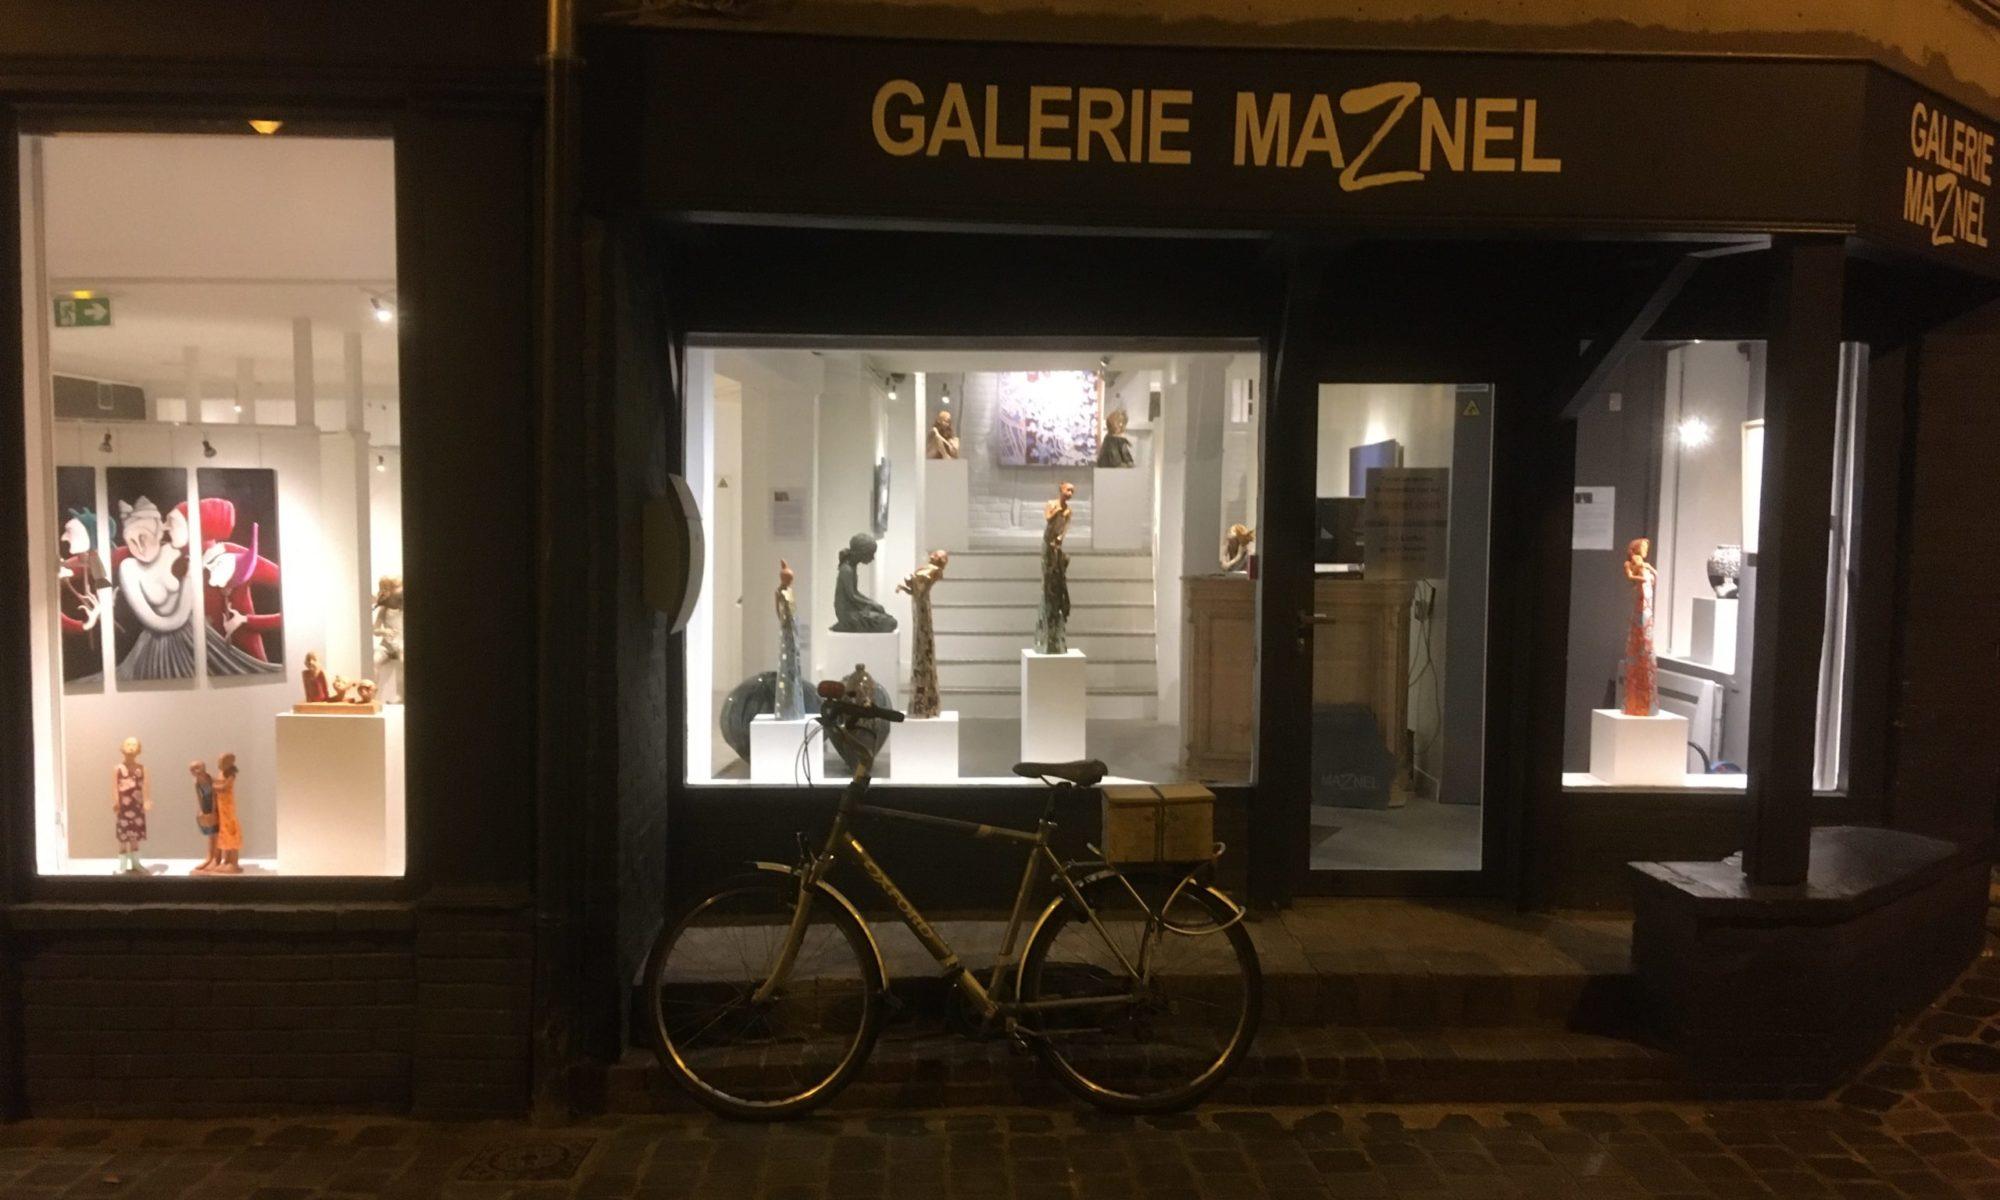 Maznel